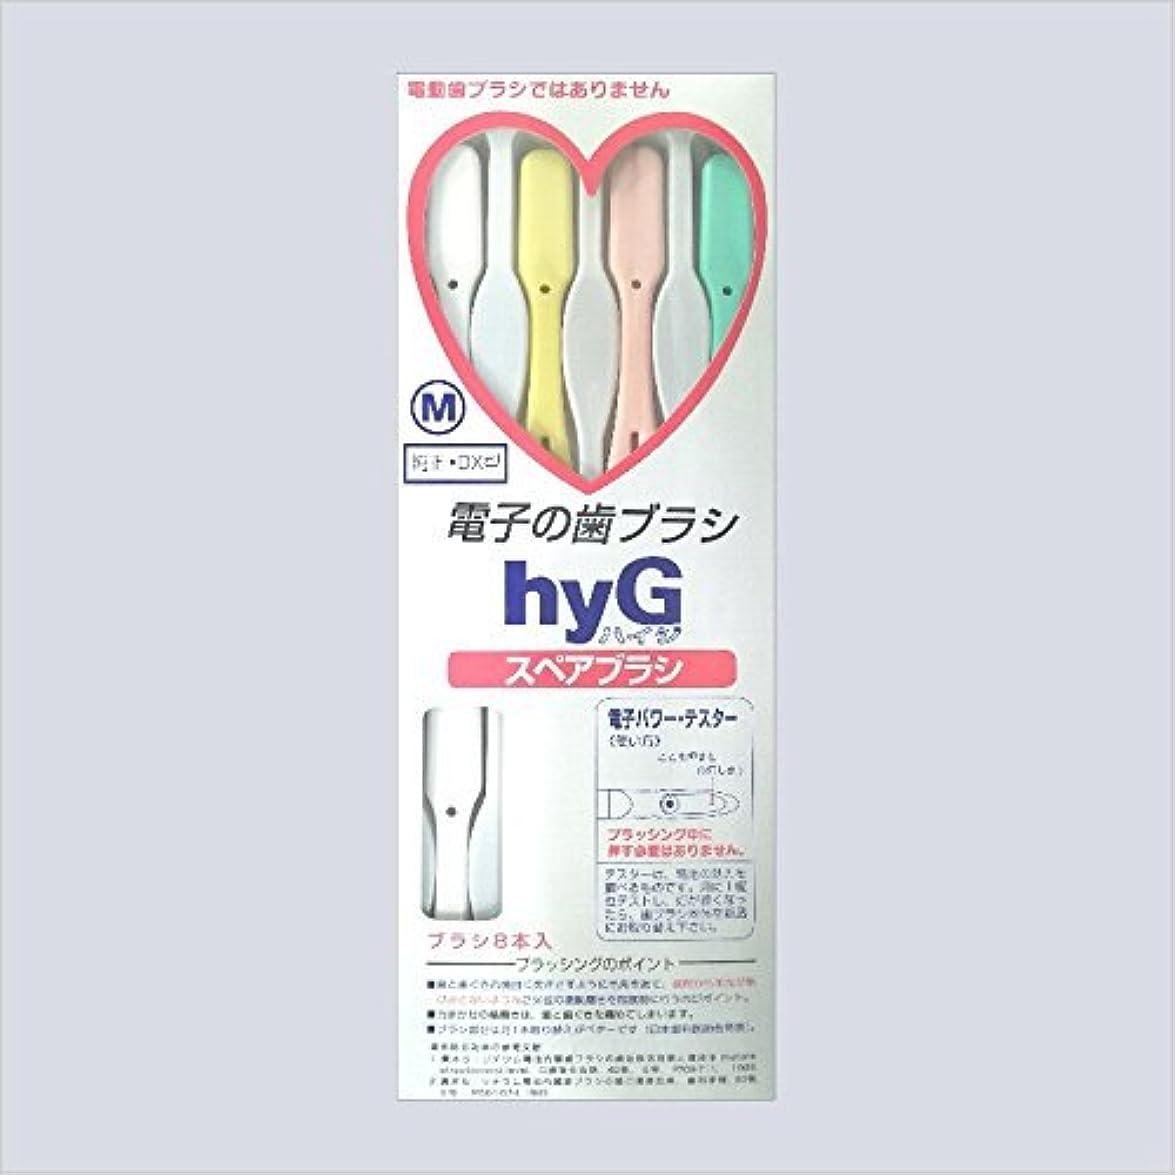 ファーザーファージュ電卓関税電子の歯ブラシ ハイジ(hyG)?スペアブラシ <ブラシの硬さ:Hかため> (※こちらは「スペアブラシ」です )?hyG-DX型